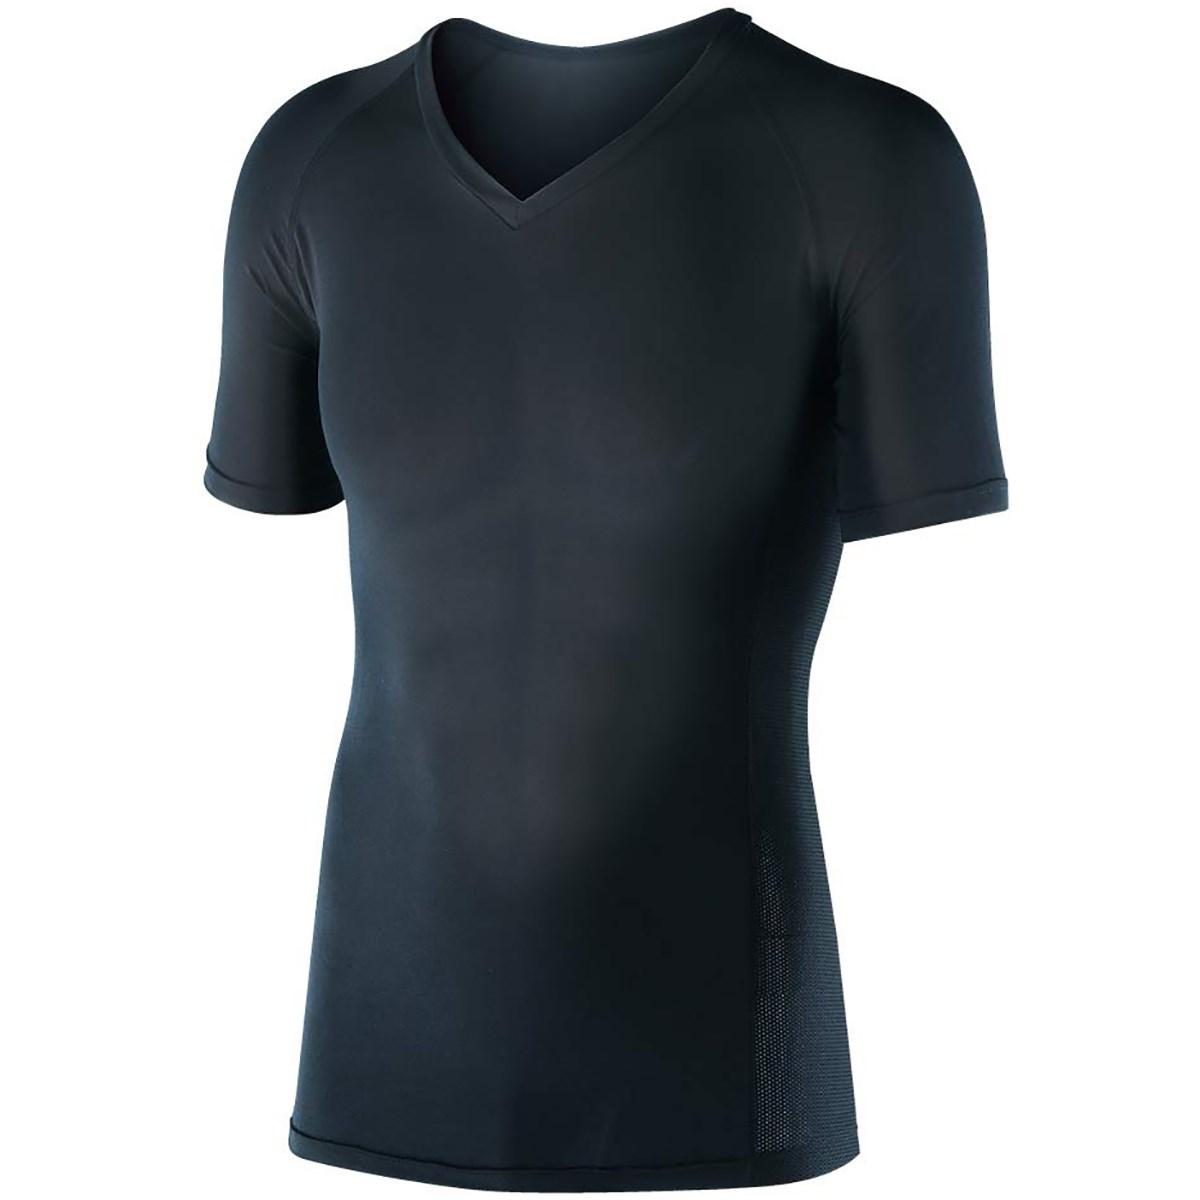 ボディタフネス 冷感 パワーストレッチ 半袖Vネックインナーシャツ